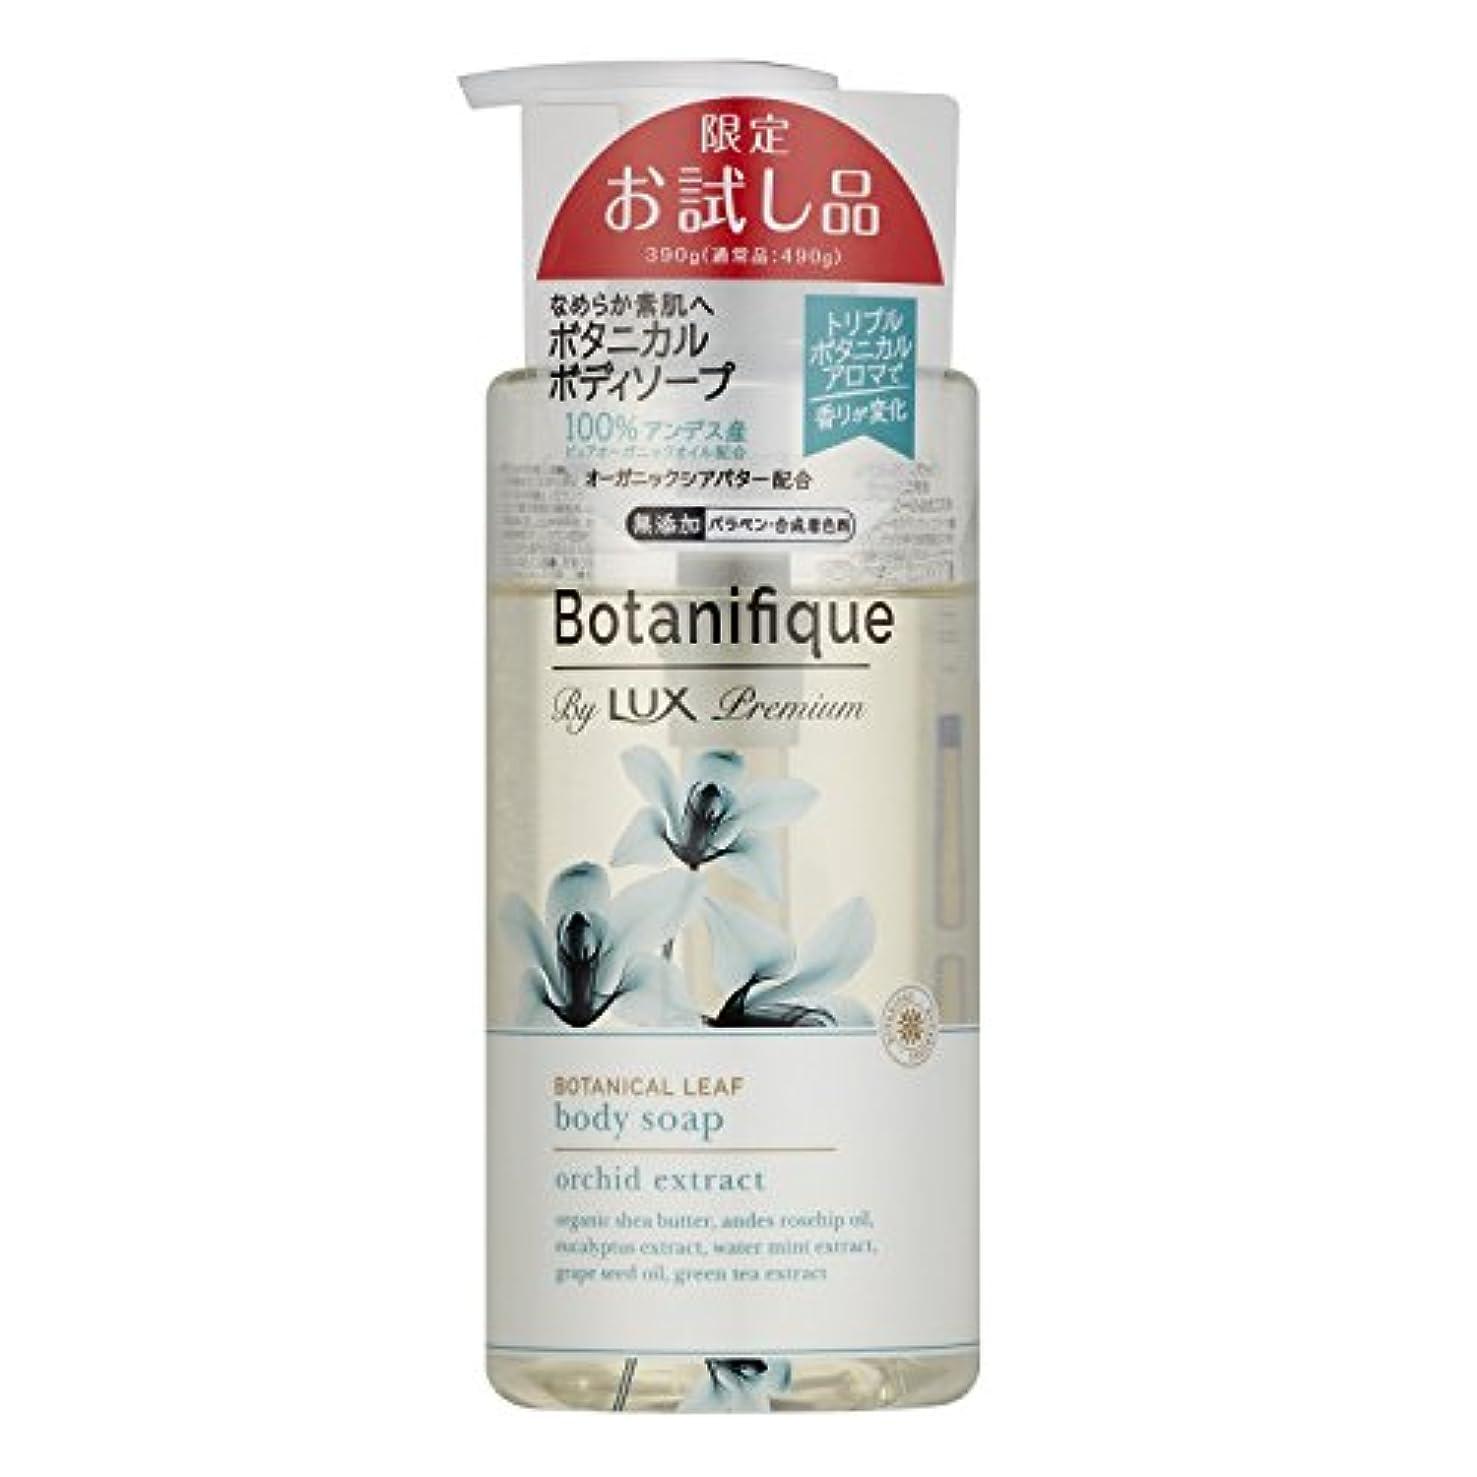 困惑前件平衡ラックス プレミアム ボタニフィーク ボタニカルリーフ ボディソープ ポンプ(ボタニカルリーフの香り) お試し品 390g